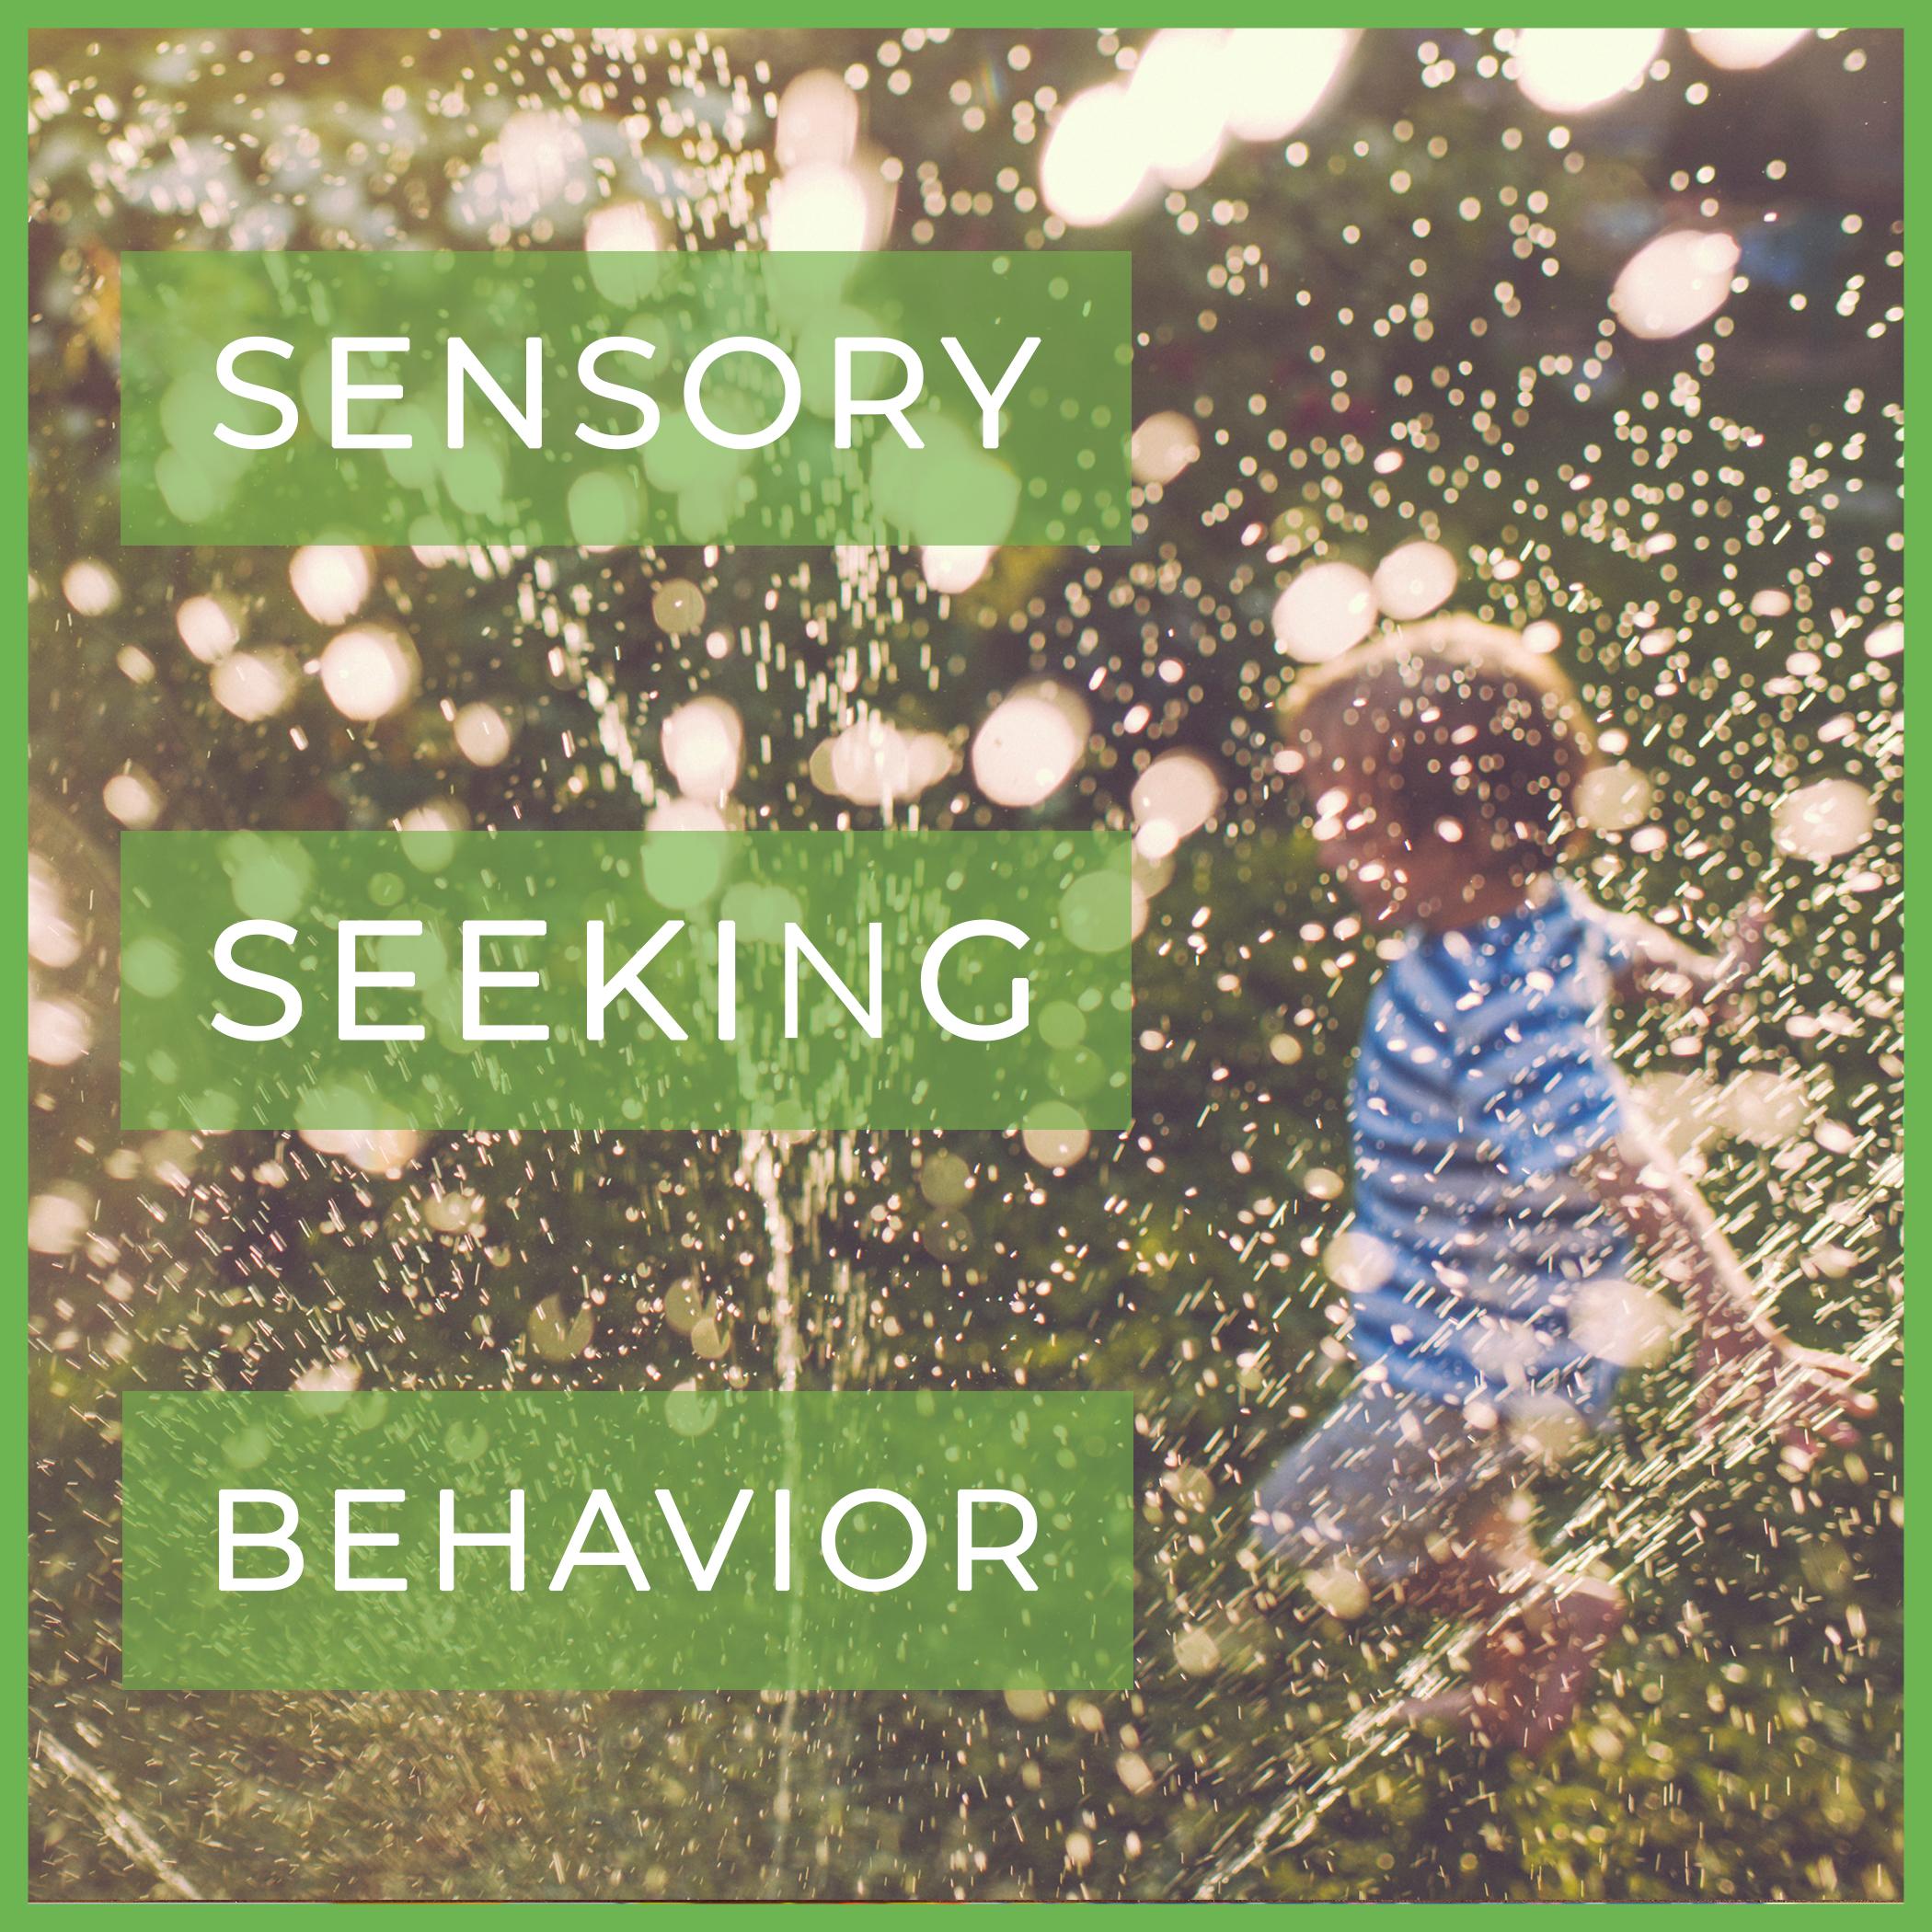 sensory seeking behavior.jpg